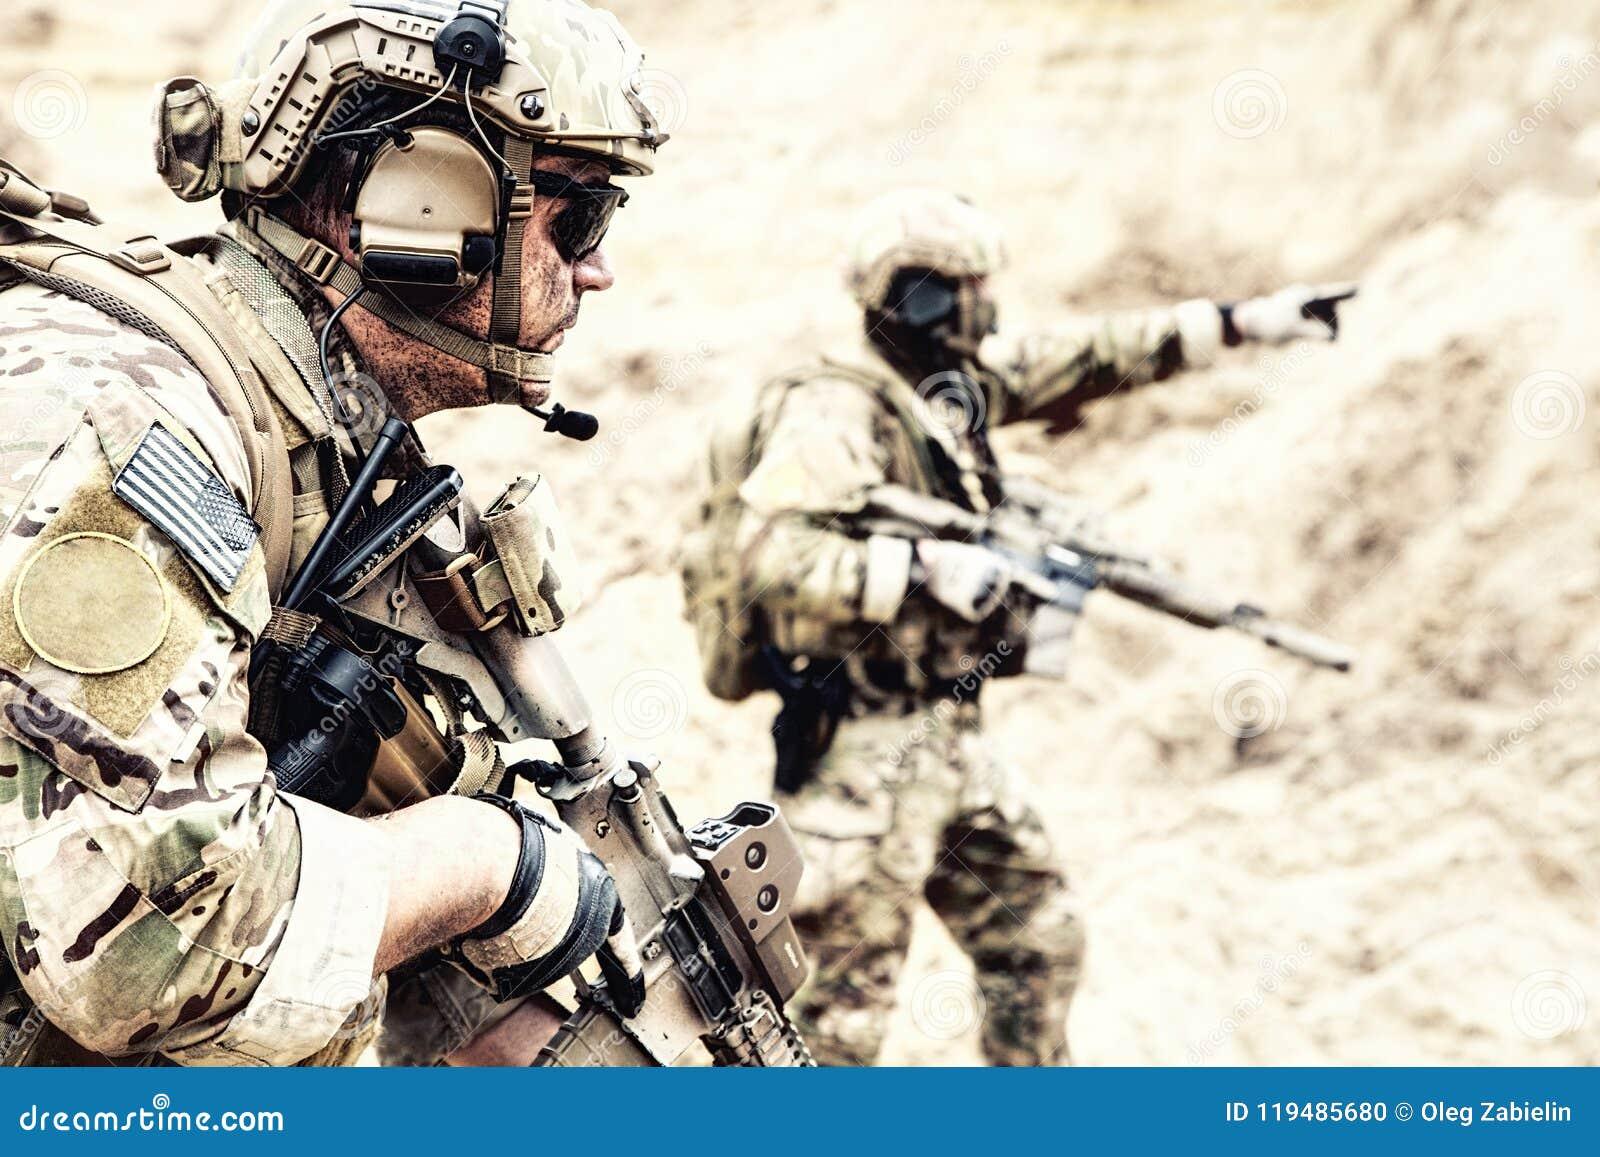 特别侦察队员在沙漠区域